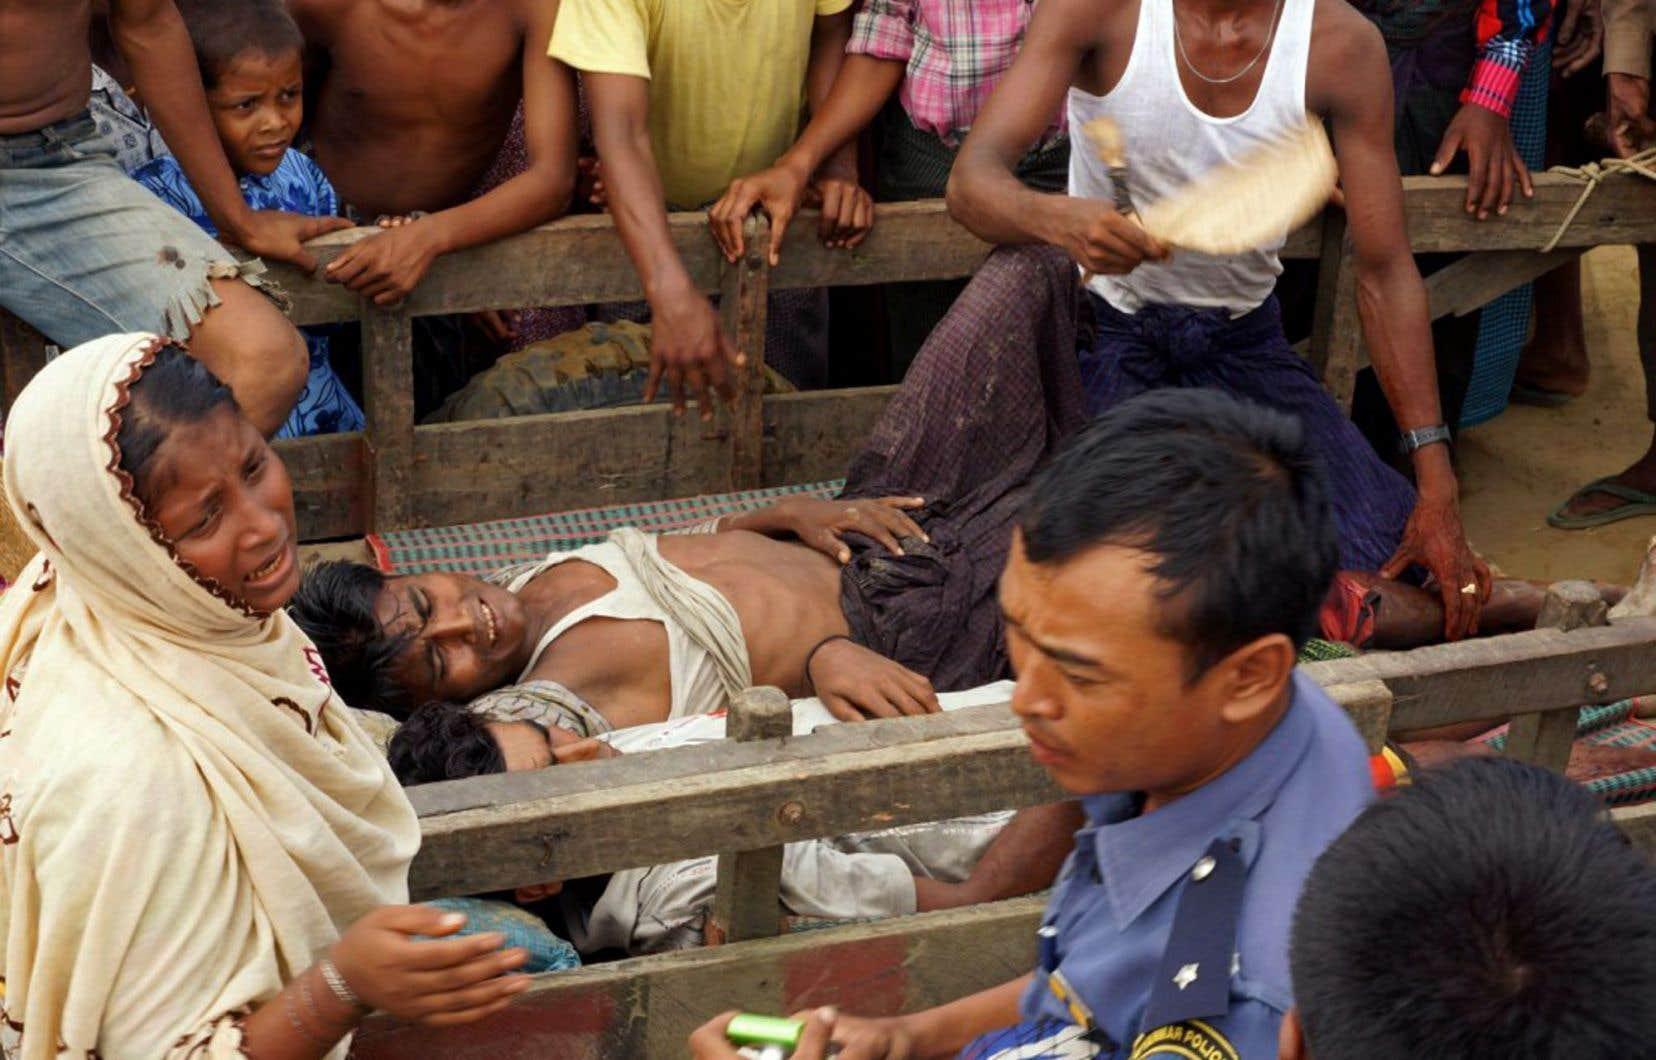 Traités comme des étrangers en Birmanie, à plus de 90% bouddhiste, les Rohingyas sont apatrides même si certains vivent dans le pays depuis des générations.